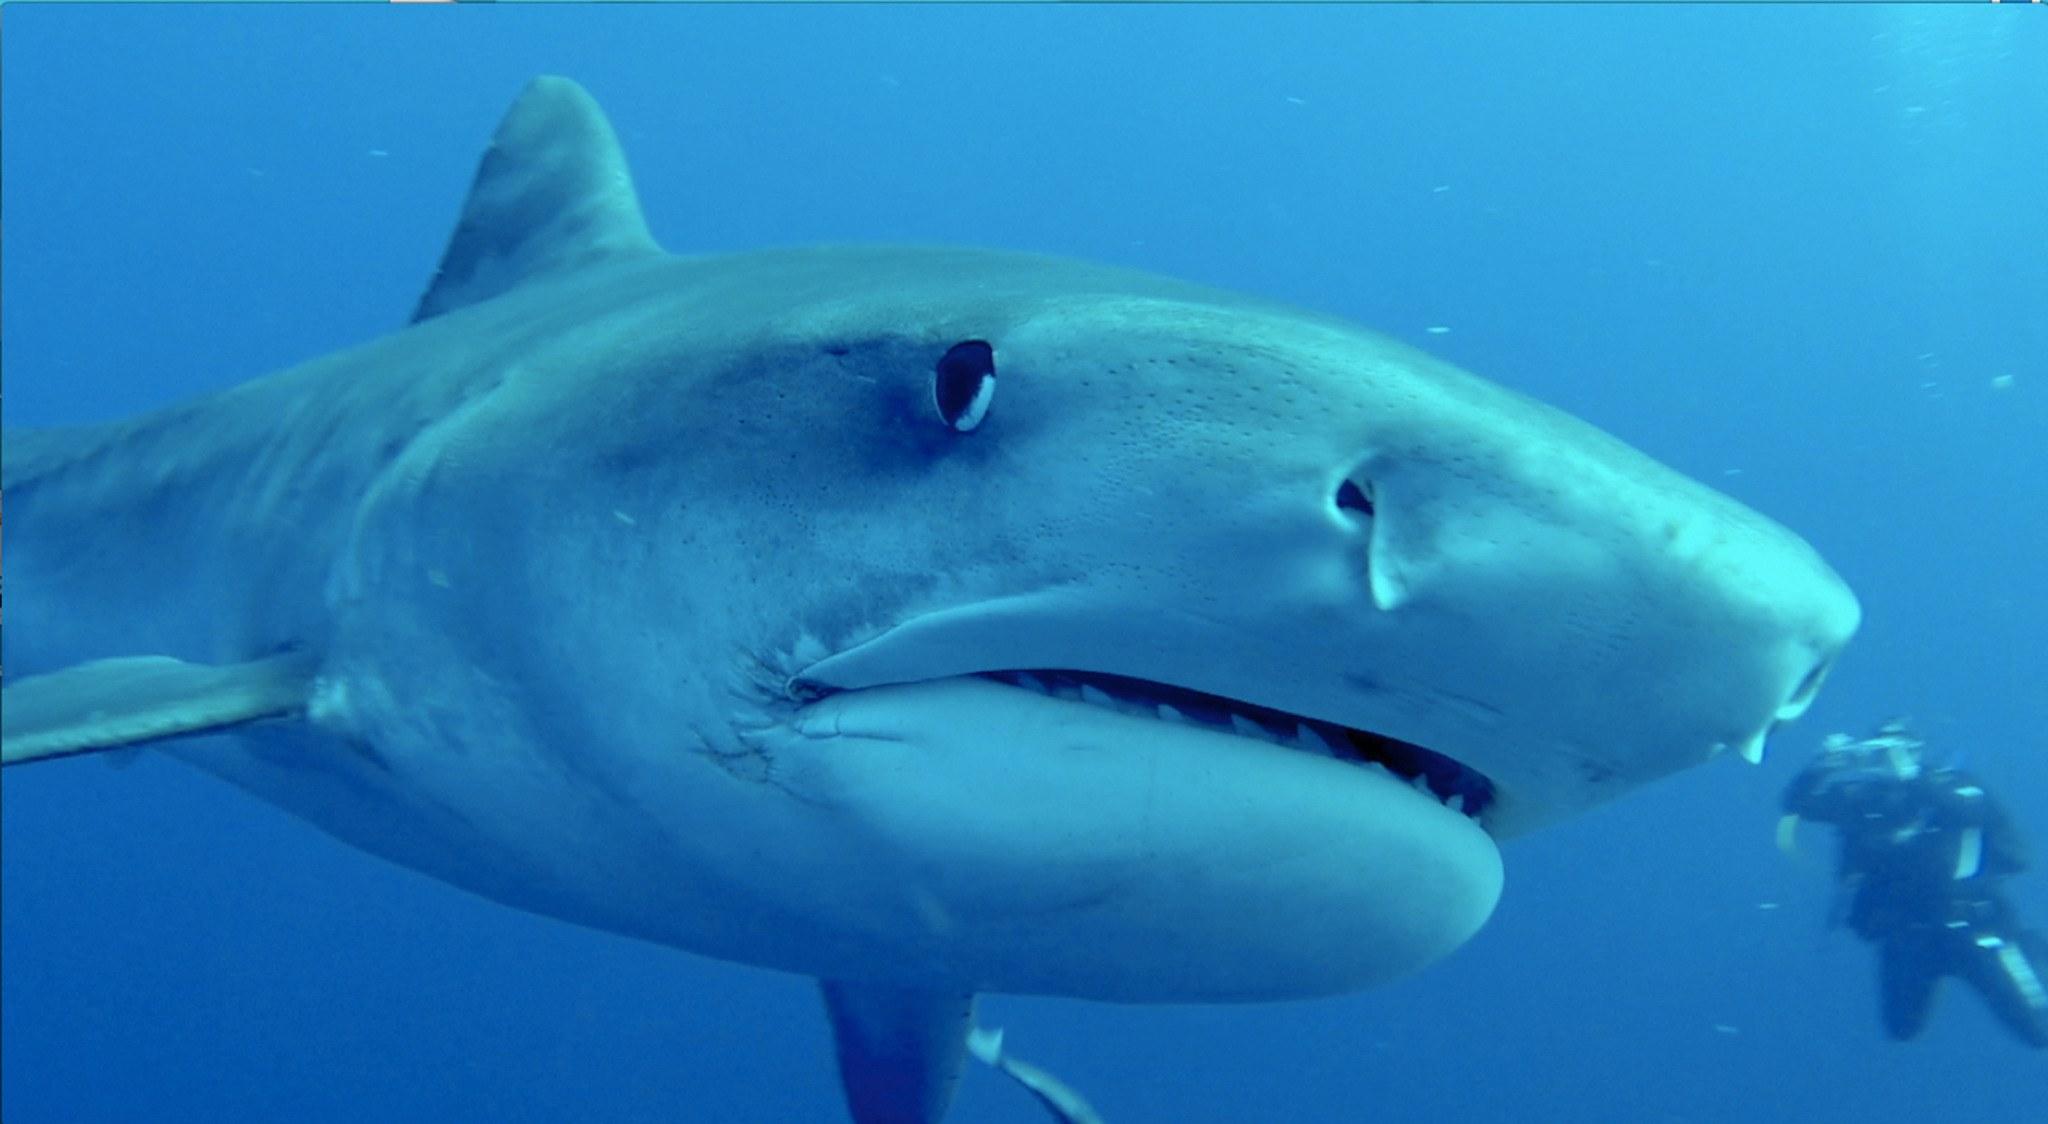 Typisch Südafrika Tauchen: ein Hai ganz nah